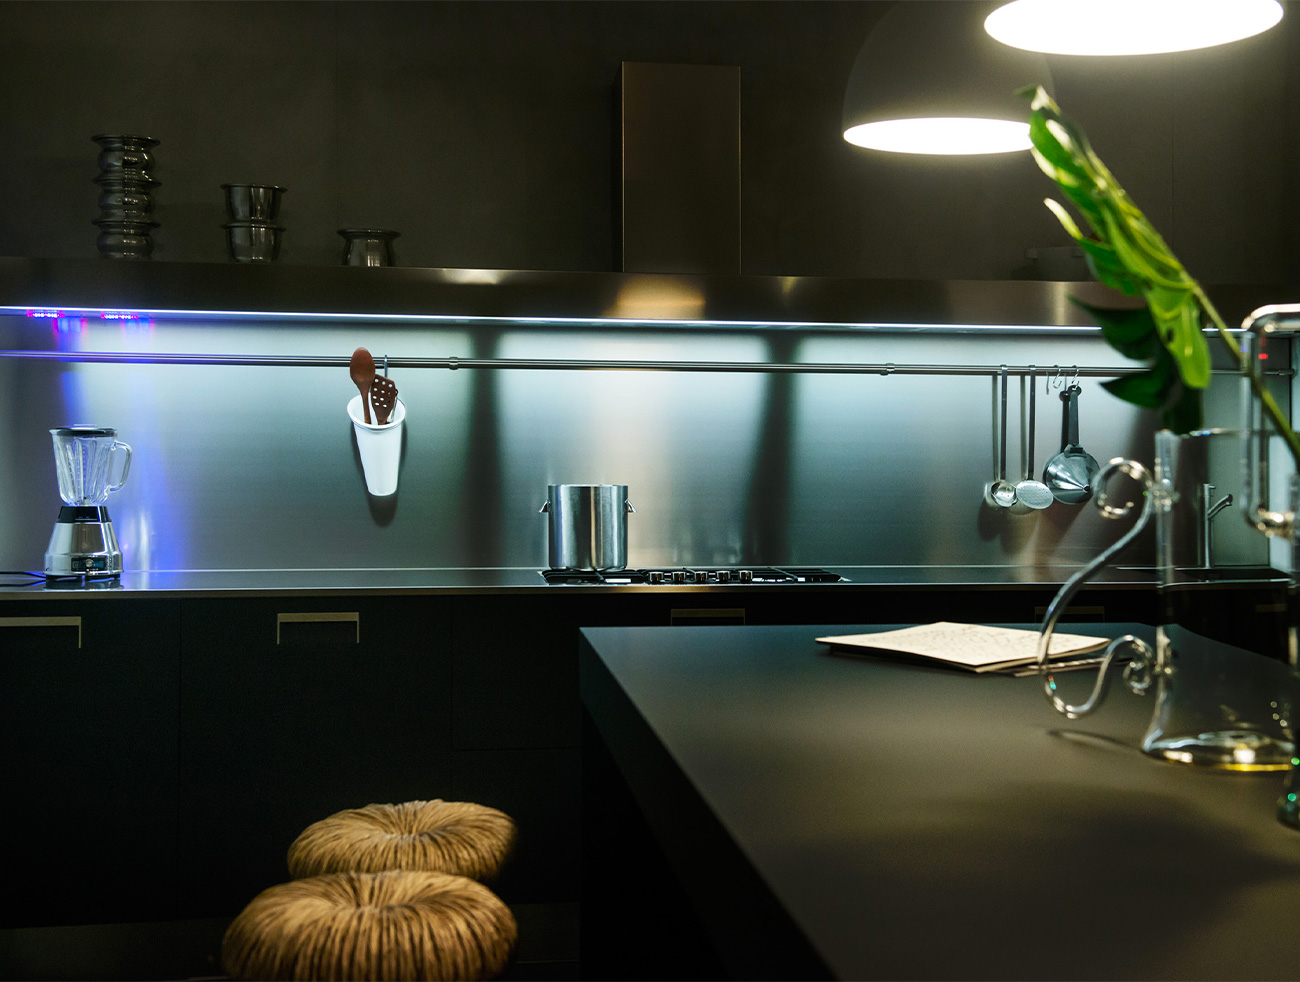 Cucina5a